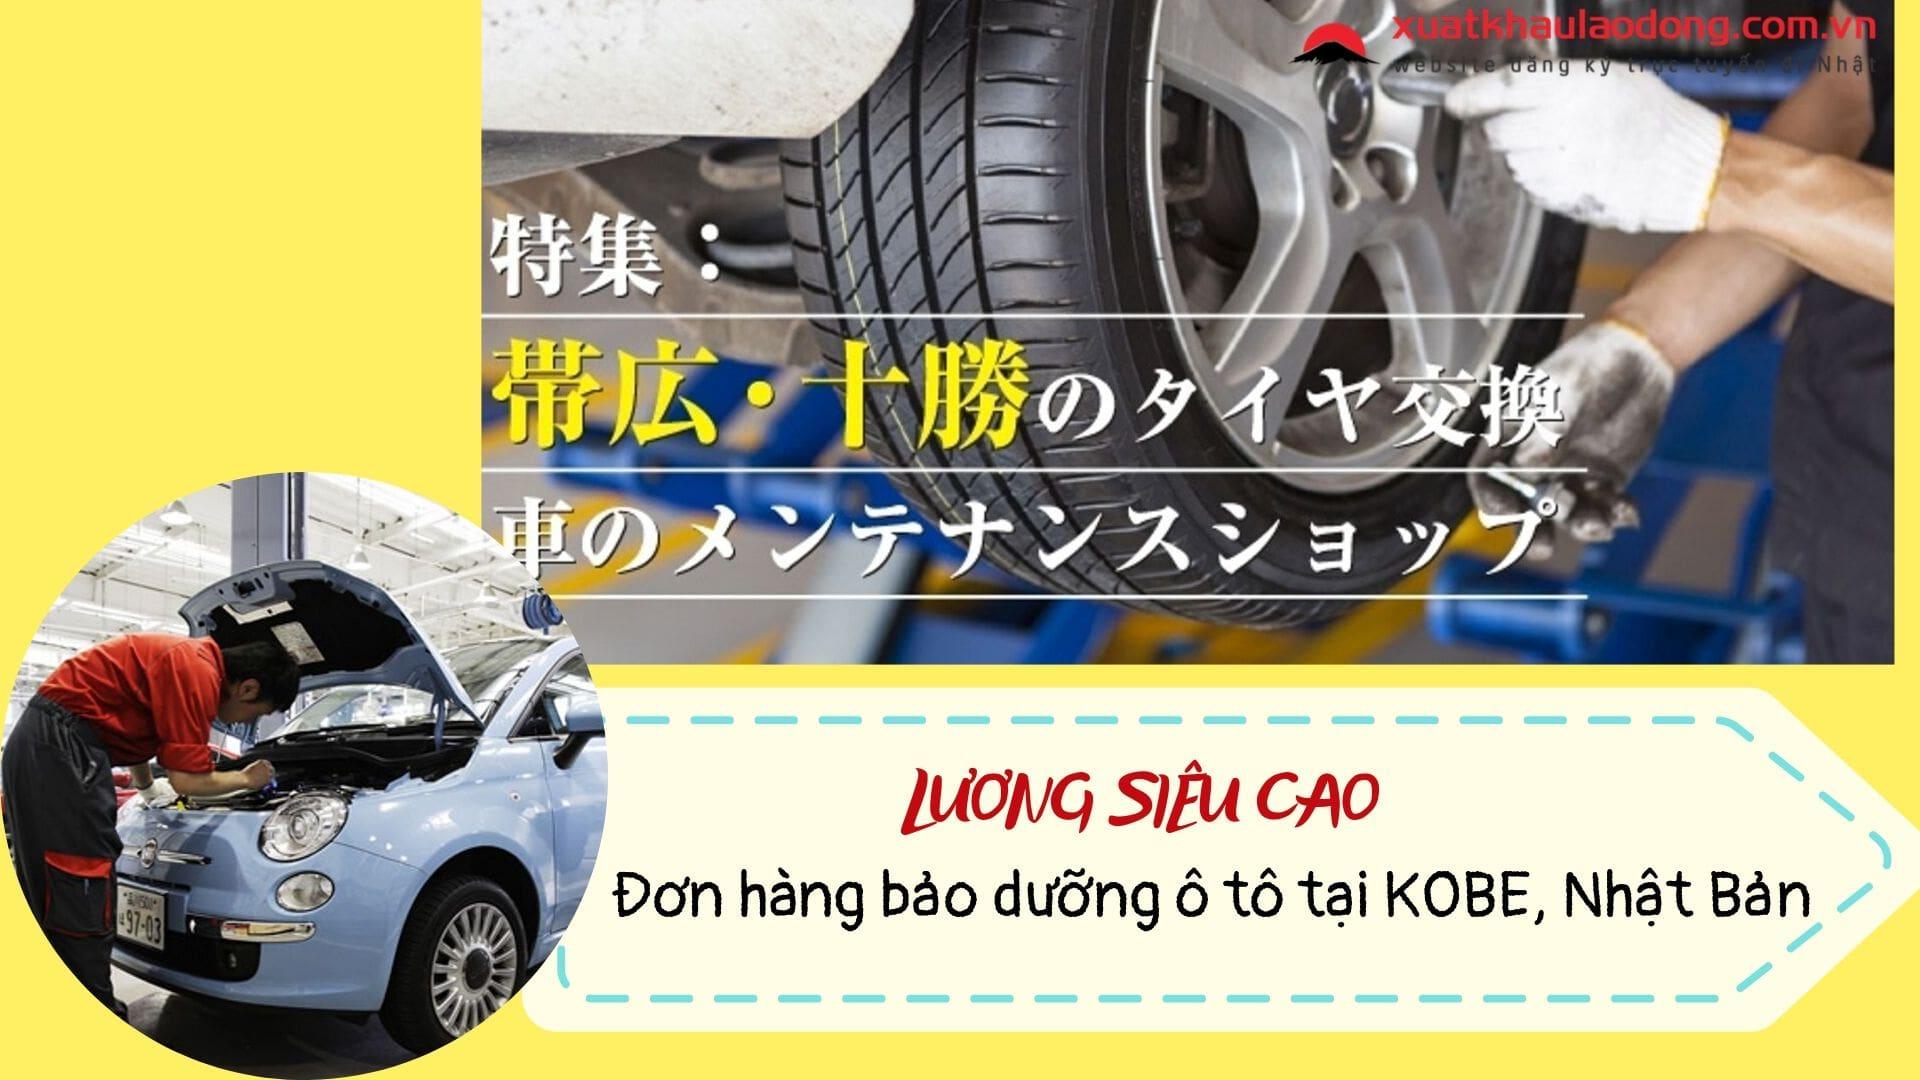 Đơn hàng bảo dưỡng ô tô tại Kobe tuyển 10 nam LƯƠNG HẤP DẪN